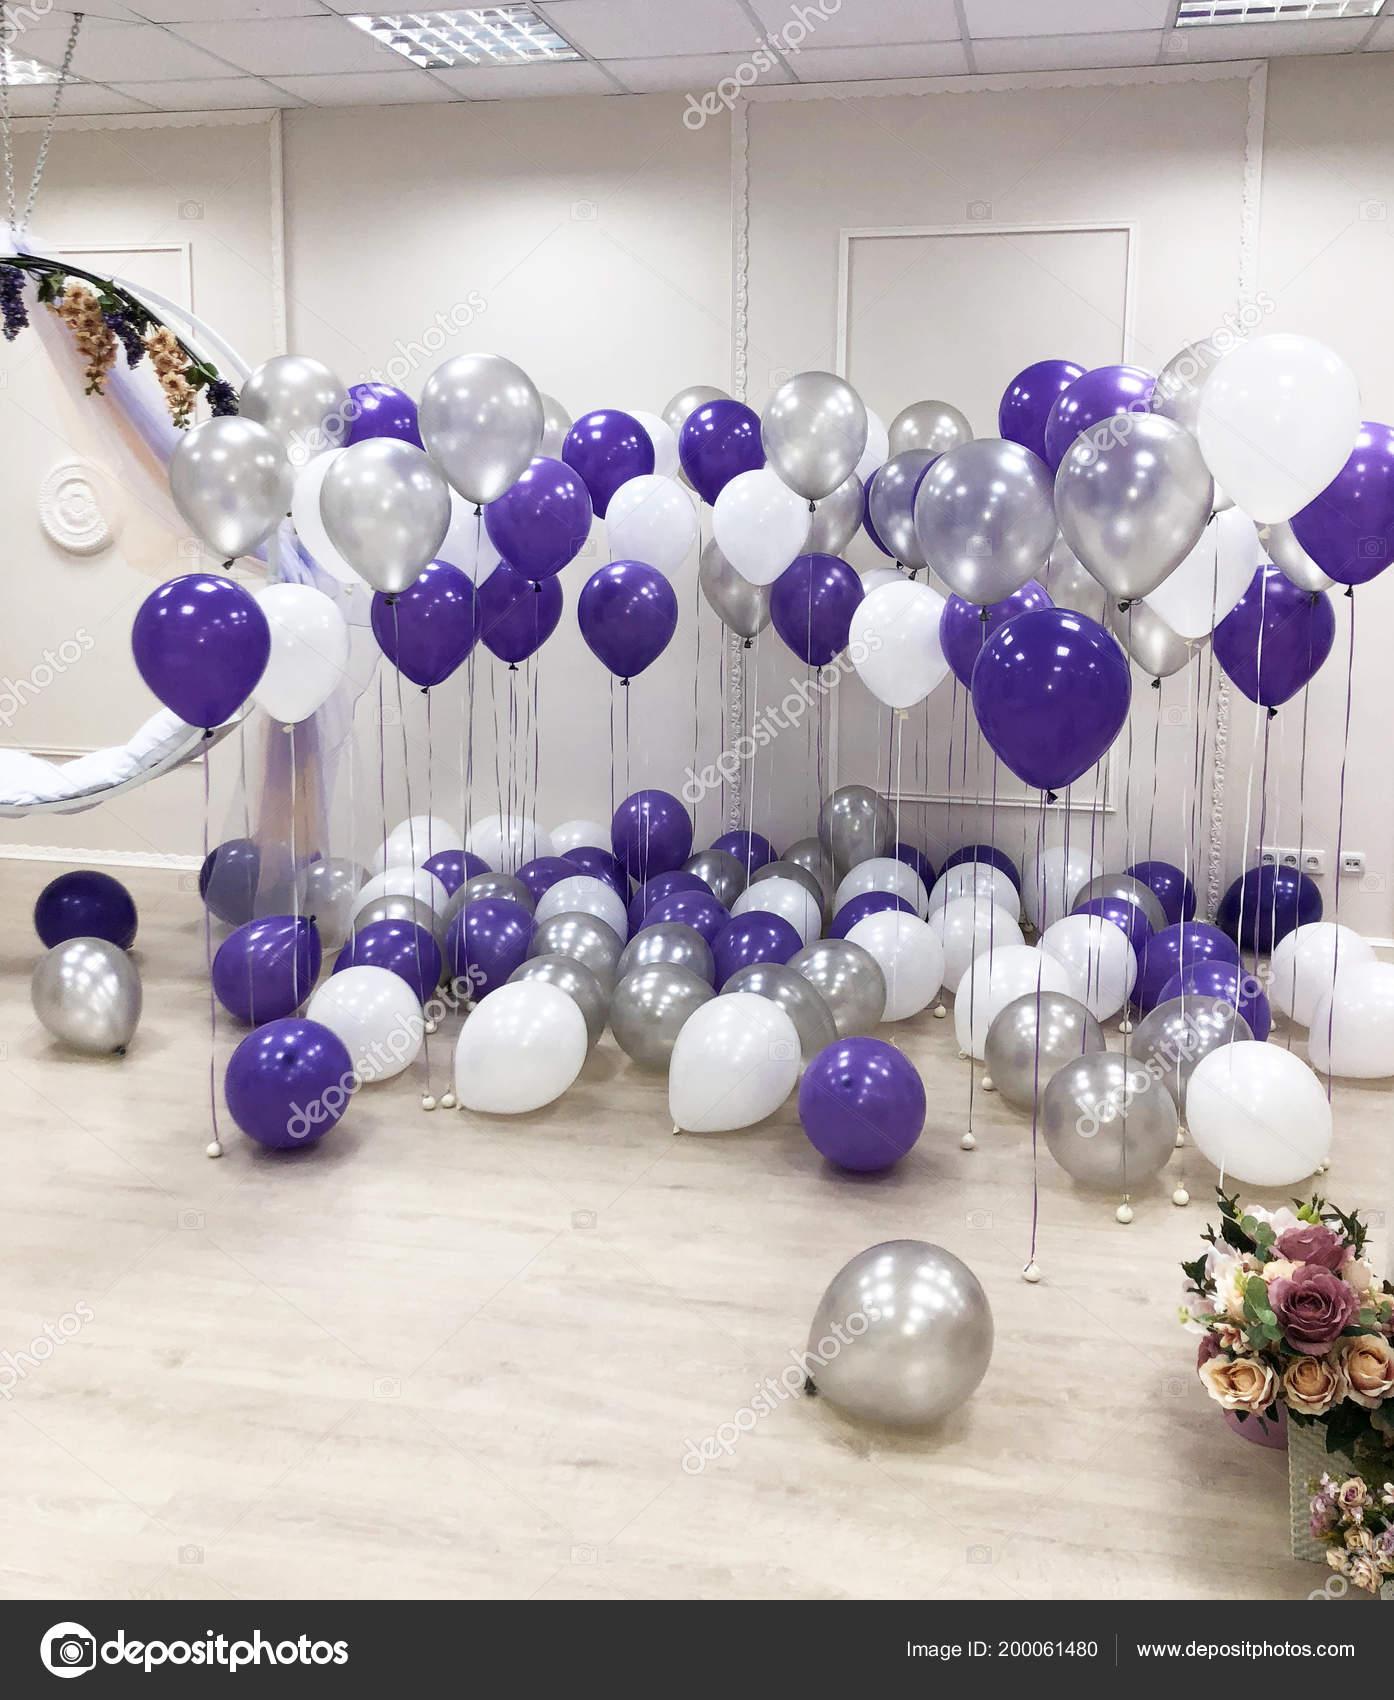 studio photo décoré avec des ballons hélium blanc argent violet